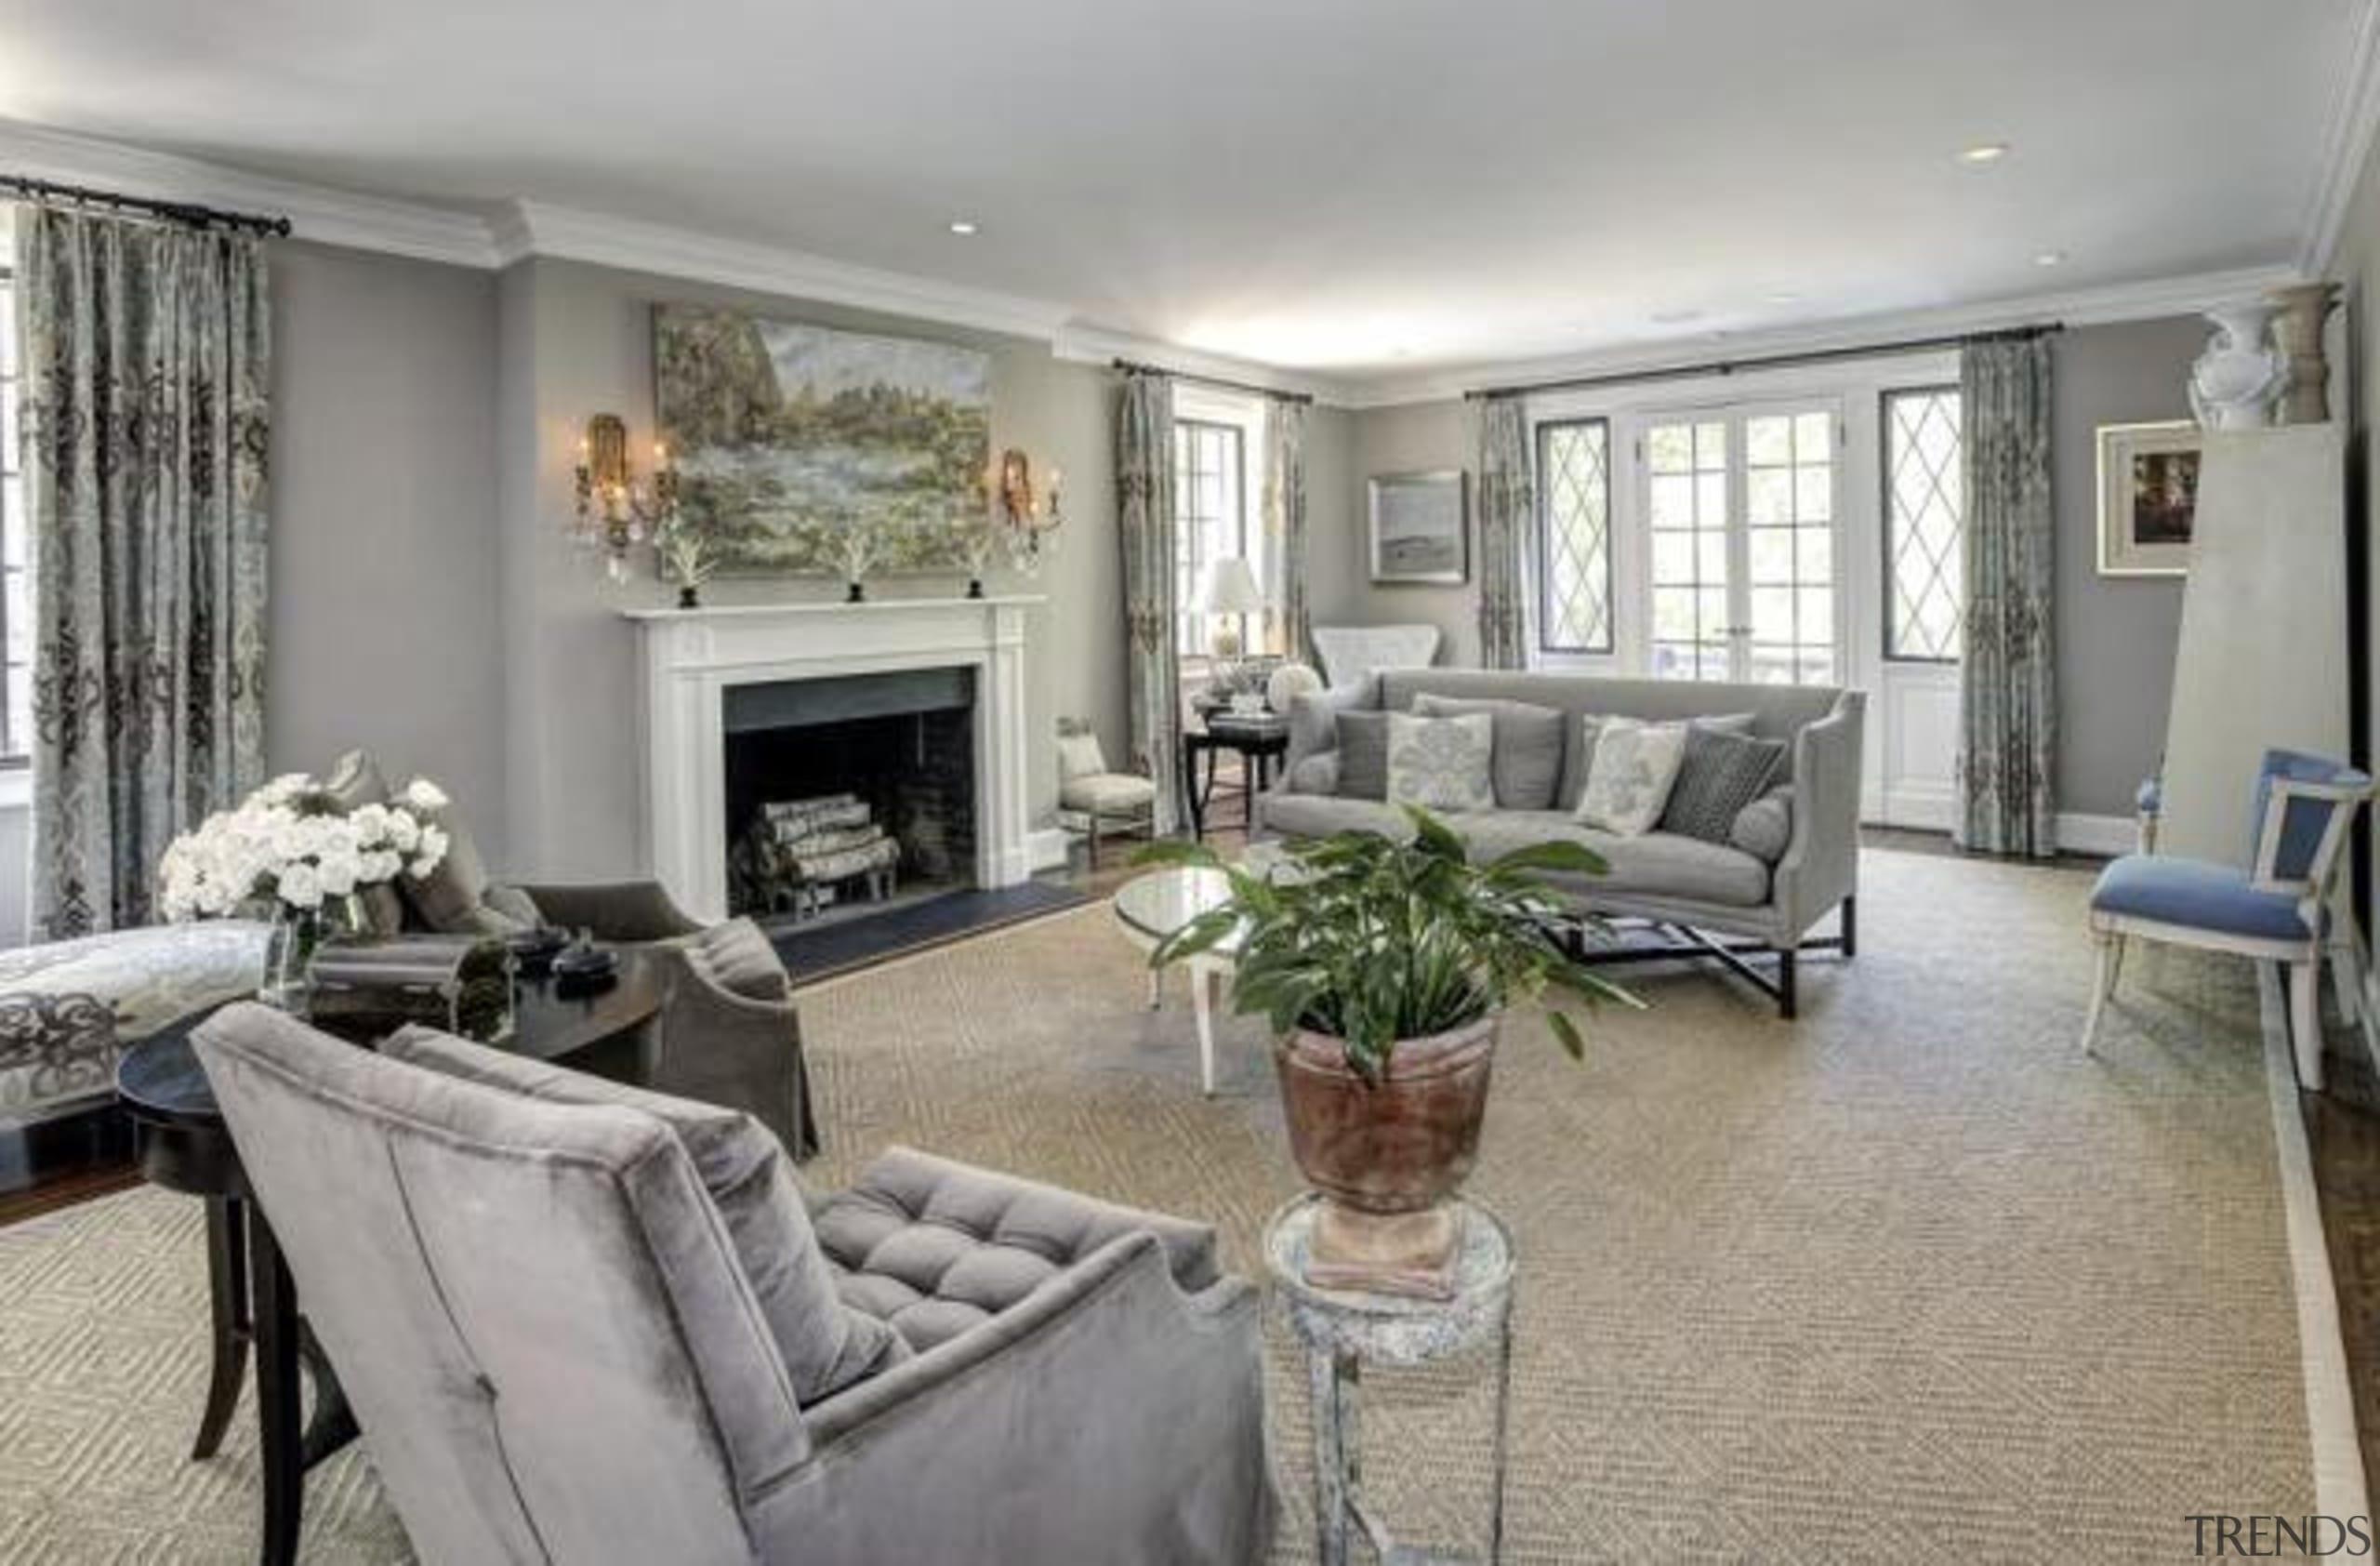 Original story from Trulia home, interior design, living room, property, real estate, room, gray